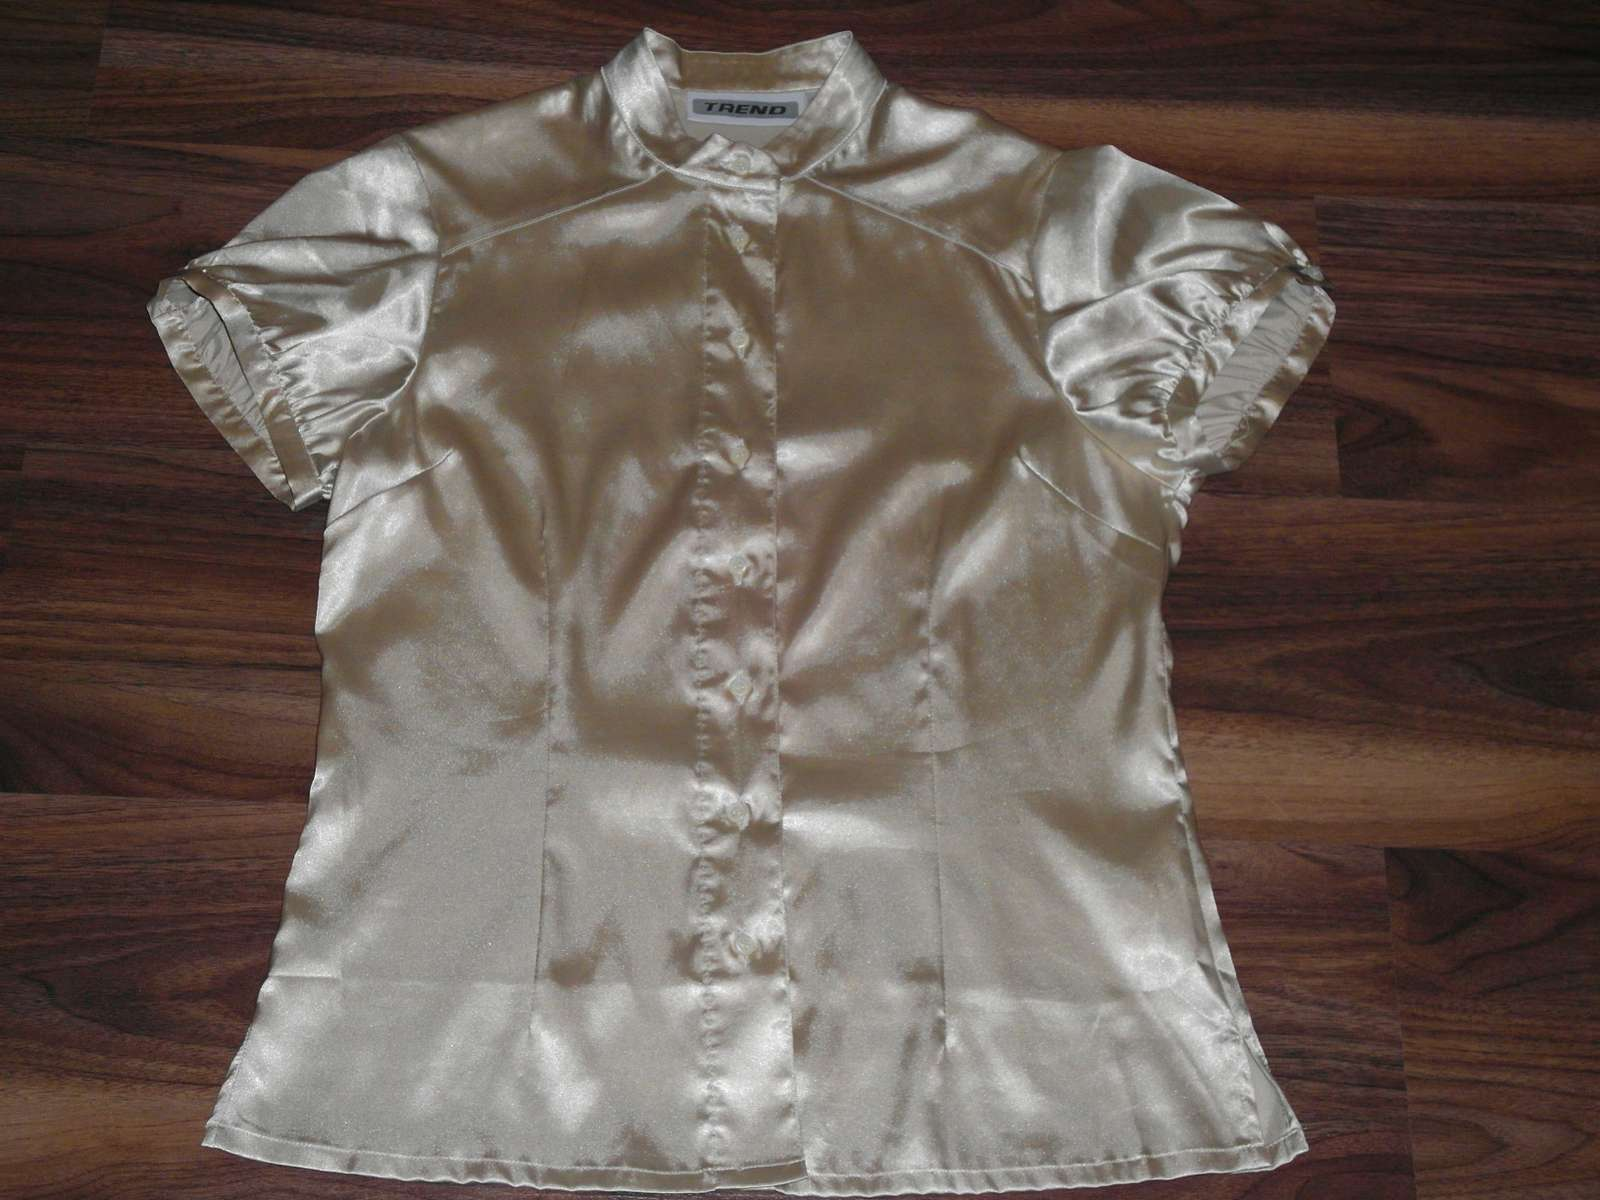 Zlata bluzka - kosela - Obrázok č. 1